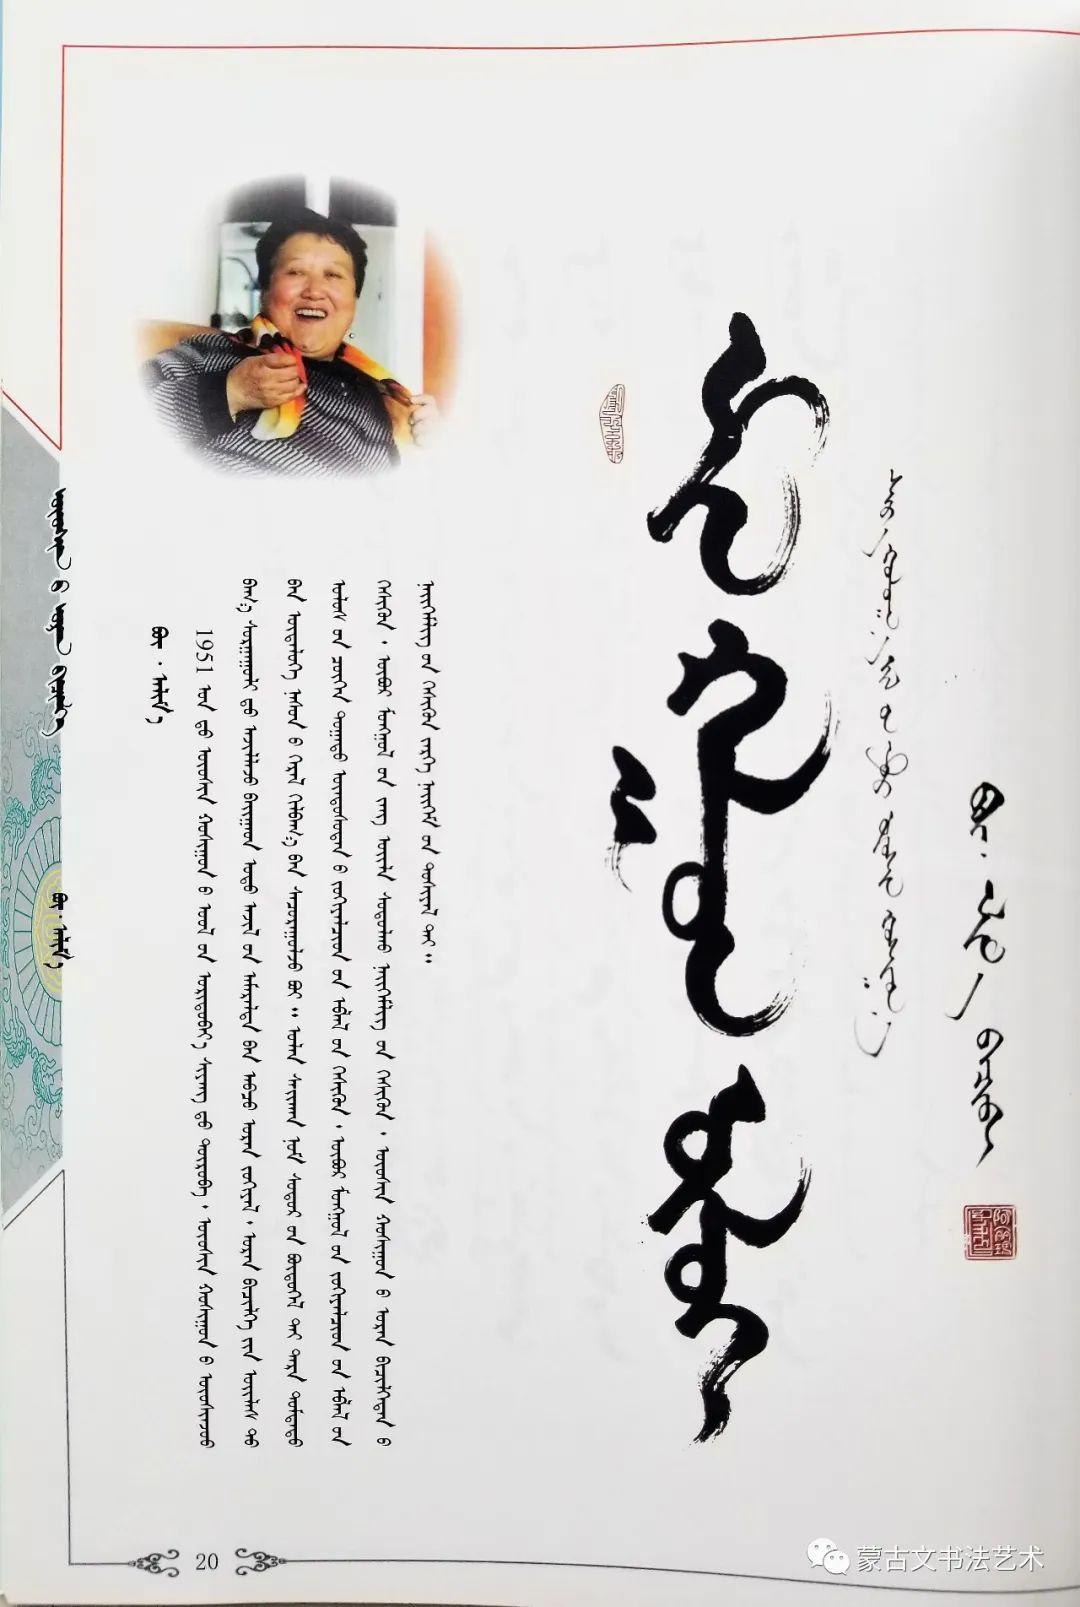 阿拉腾毕力格《乌审旗书法与篆刻精选》 第13张